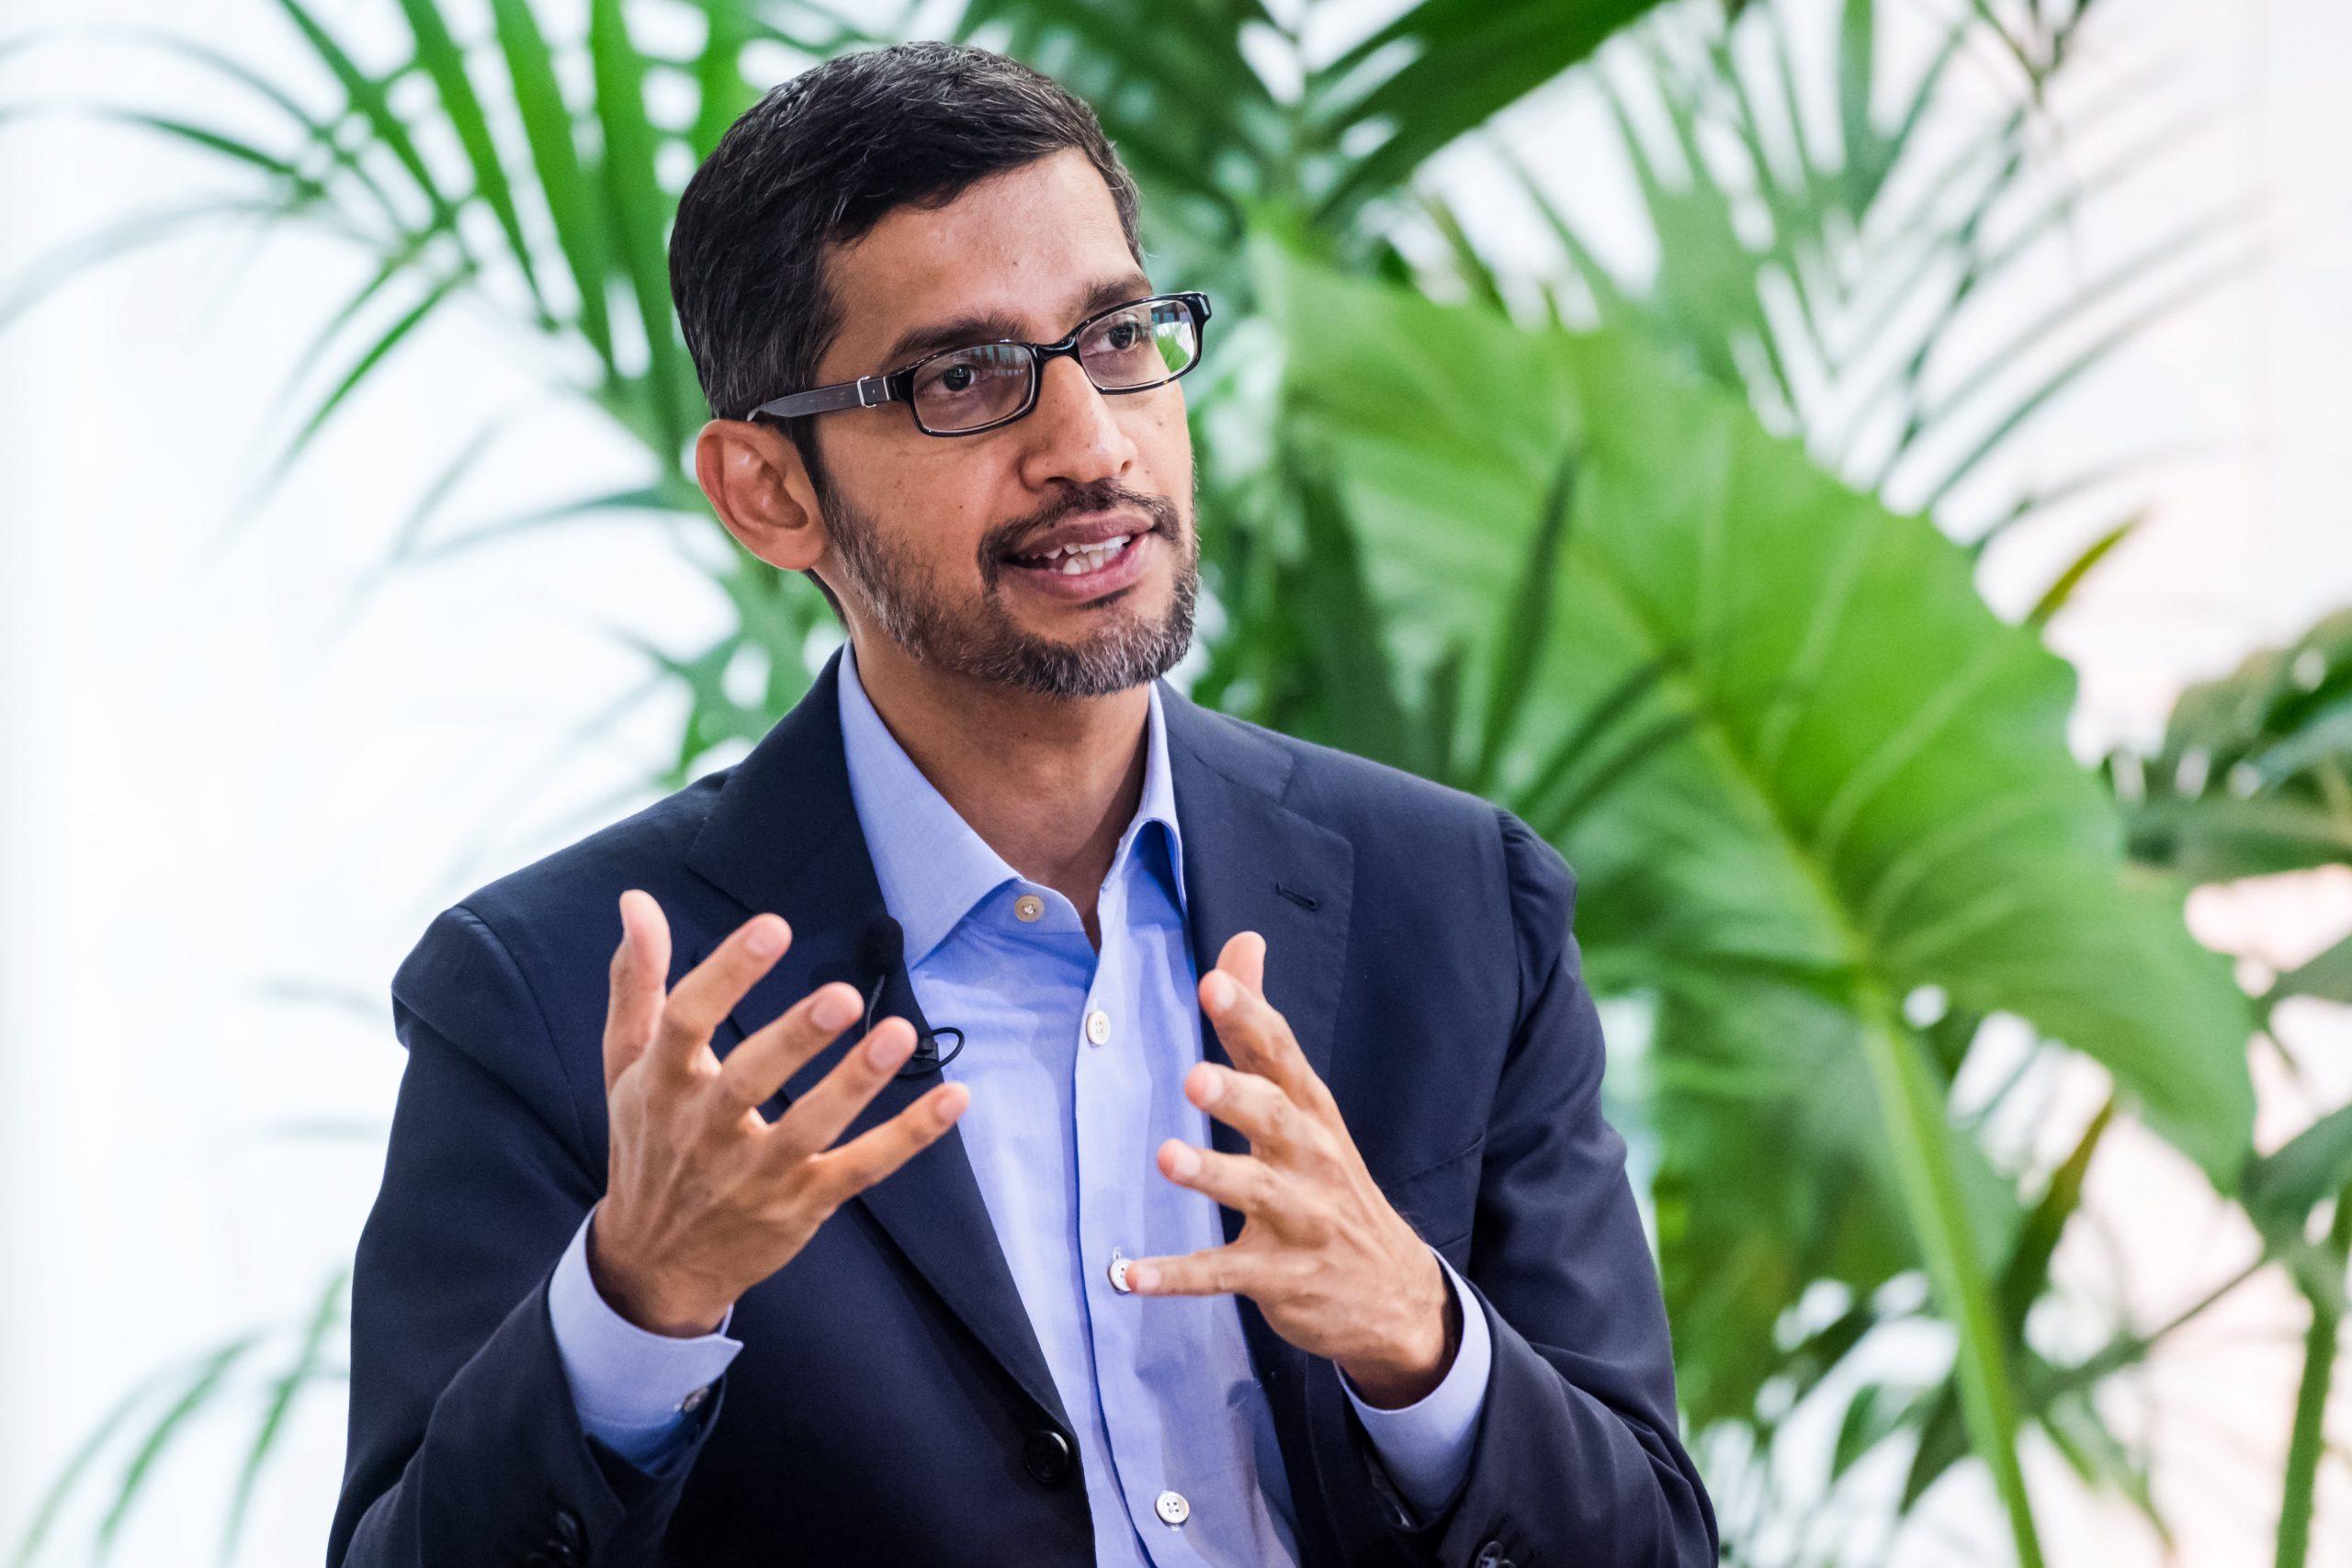 Meeting Google's climate change goals 'stresses out' CEO Sundar Pichai